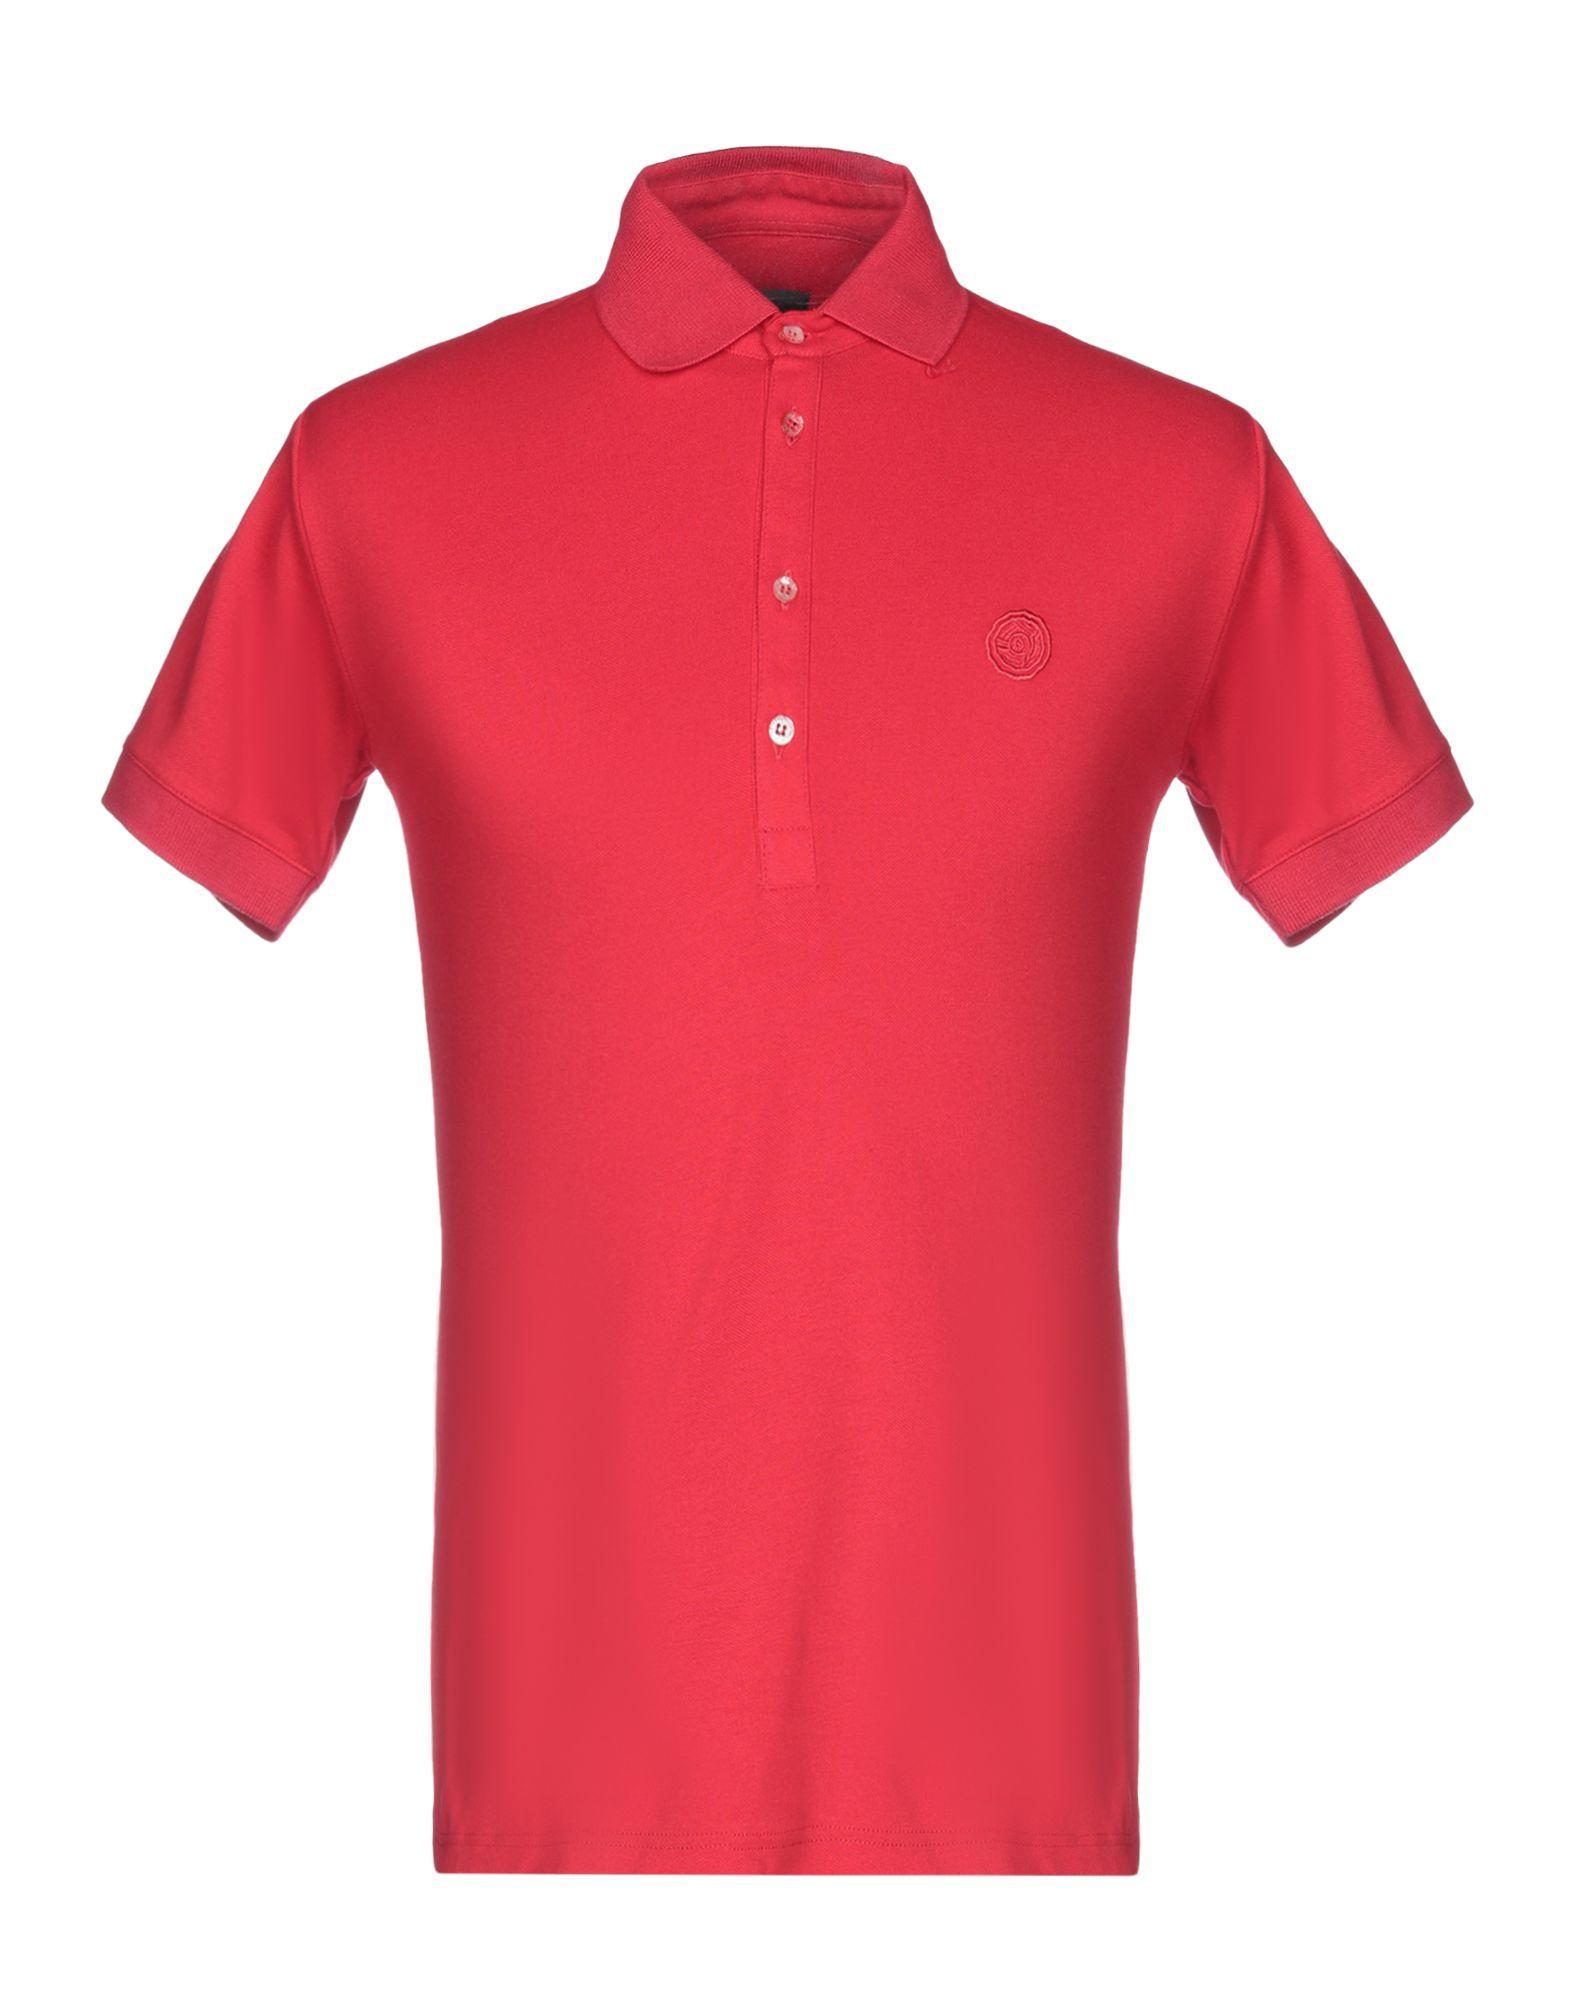 《送料無料》ALESSANDRO DELL'ACQUA メンズ ポロシャツ レッド S コットン 100%